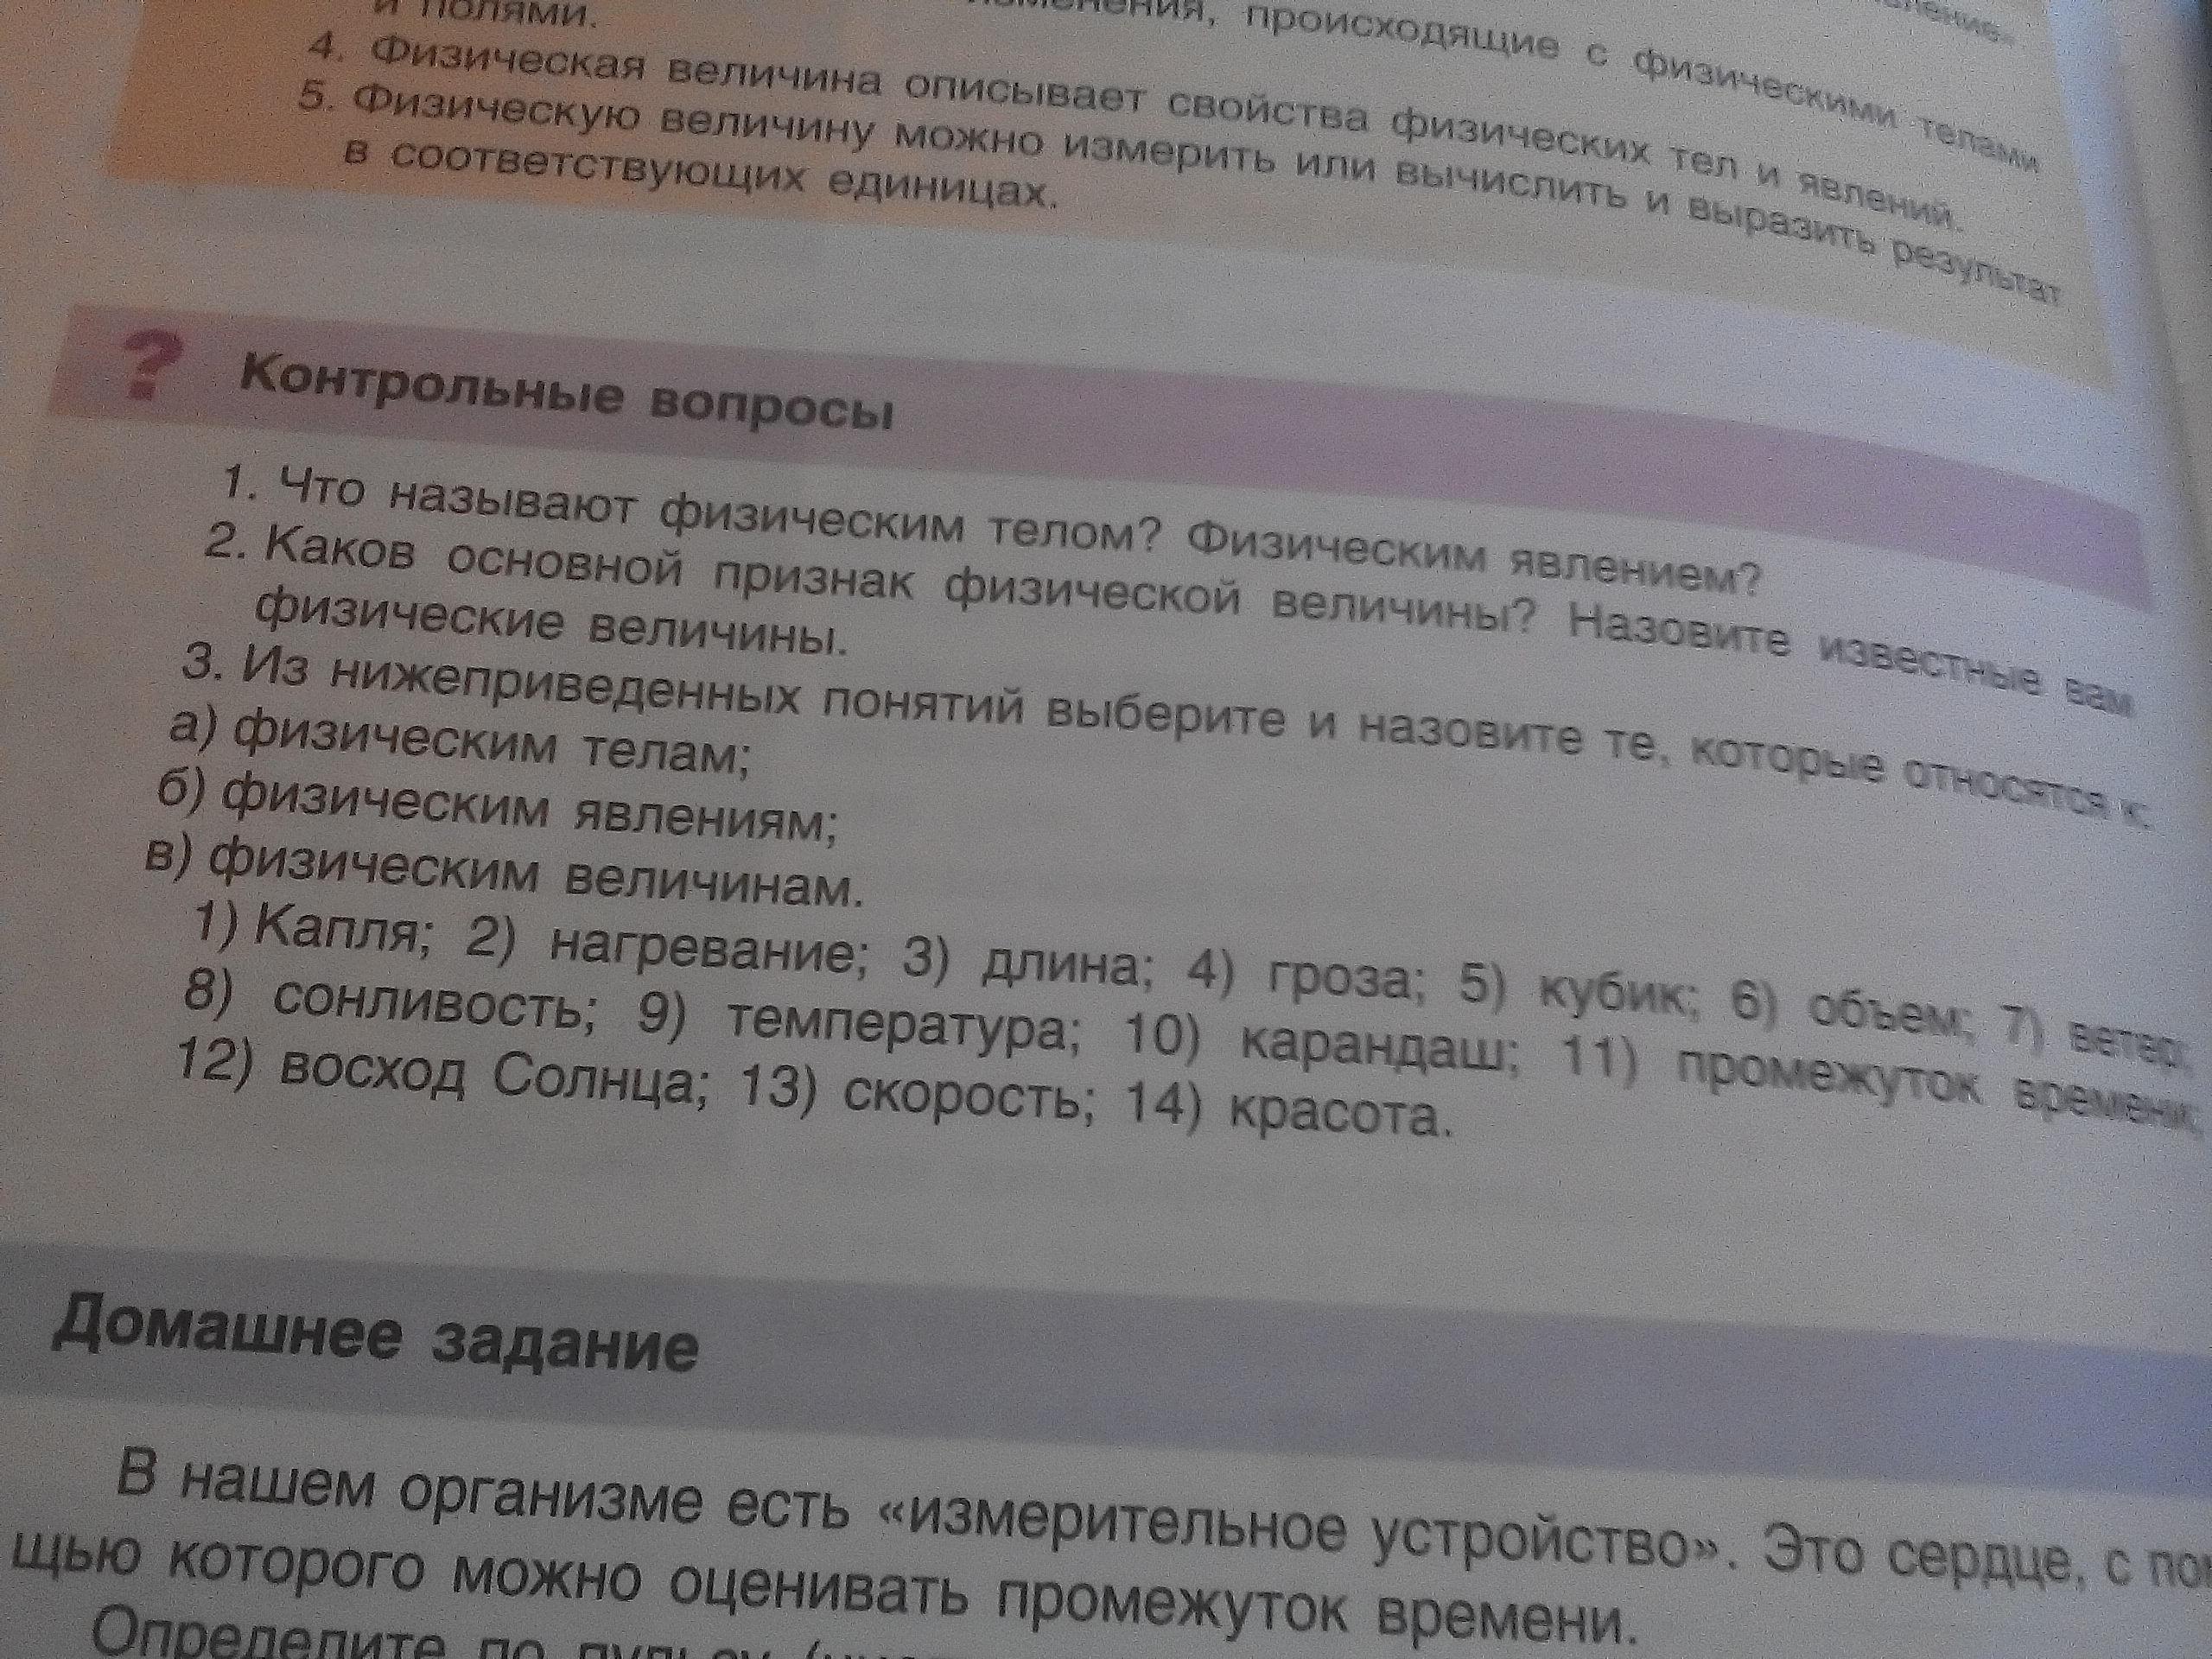 контрольный вопрос Школьные Знания com 3 контрольный вопрос